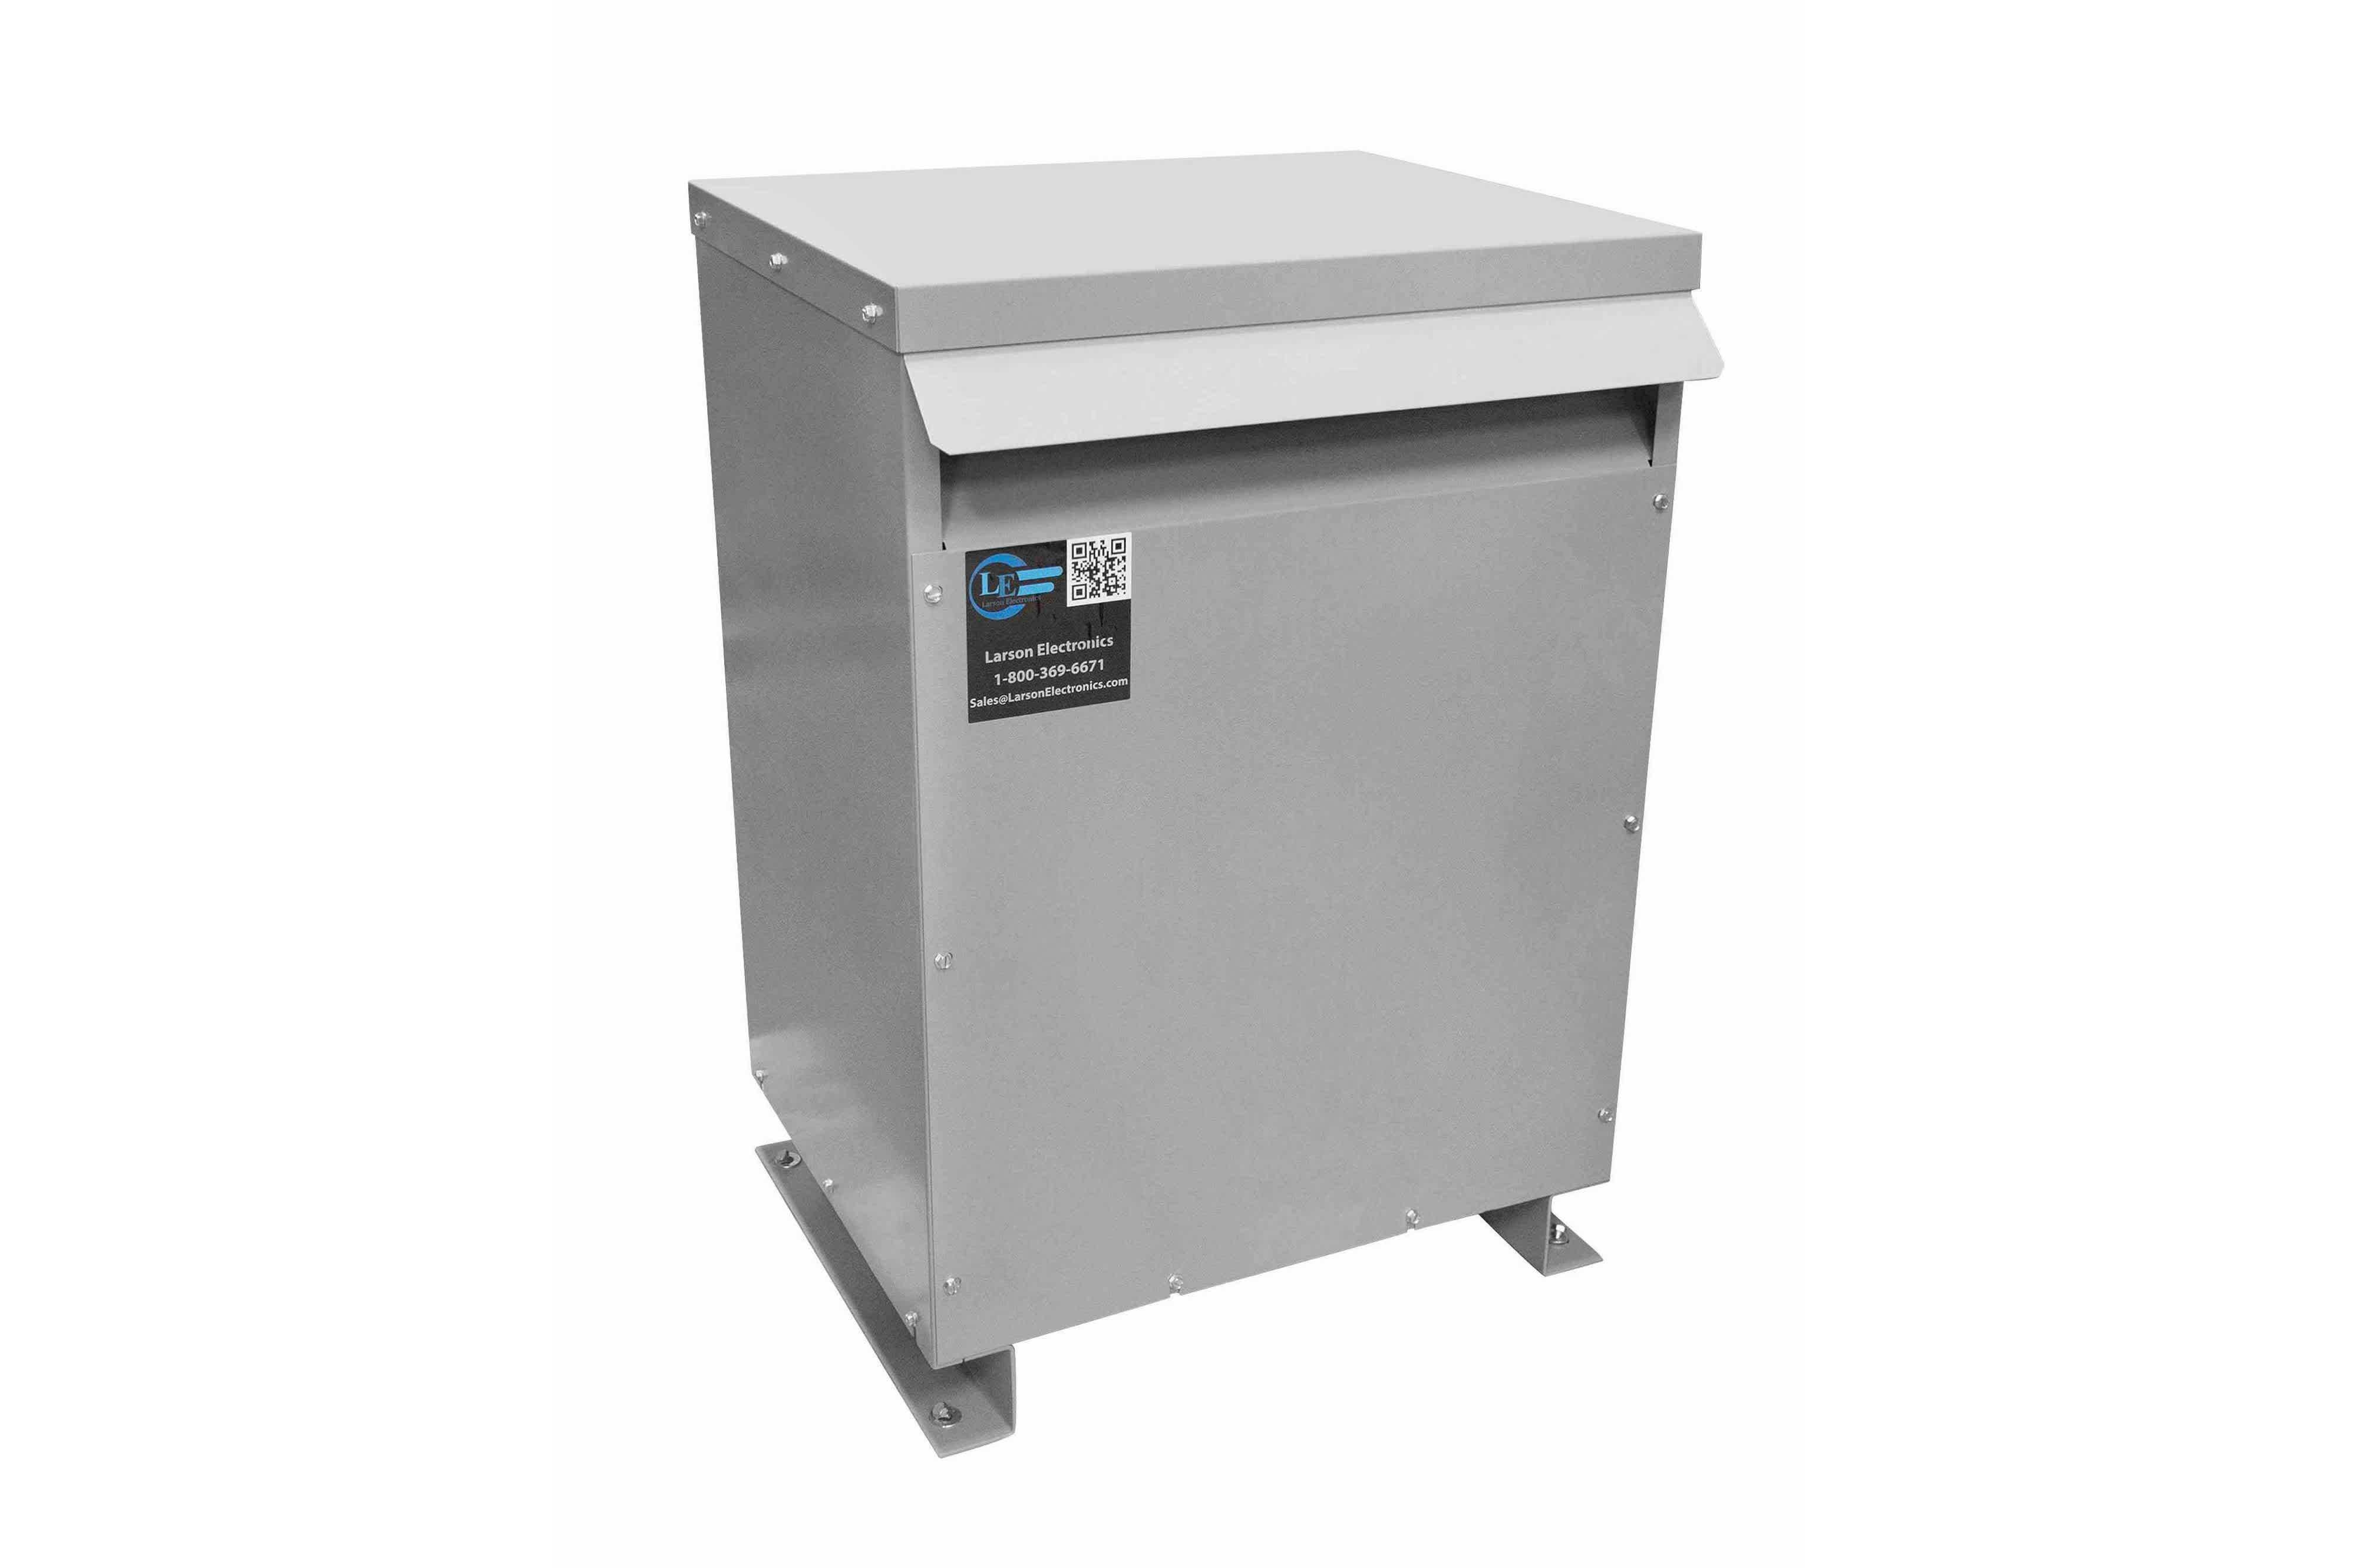 175 kVA 3PH Isolation Transformer, 460V Delta Primary, 575V Delta Secondary, N3R, Ventilated, 60 Hz